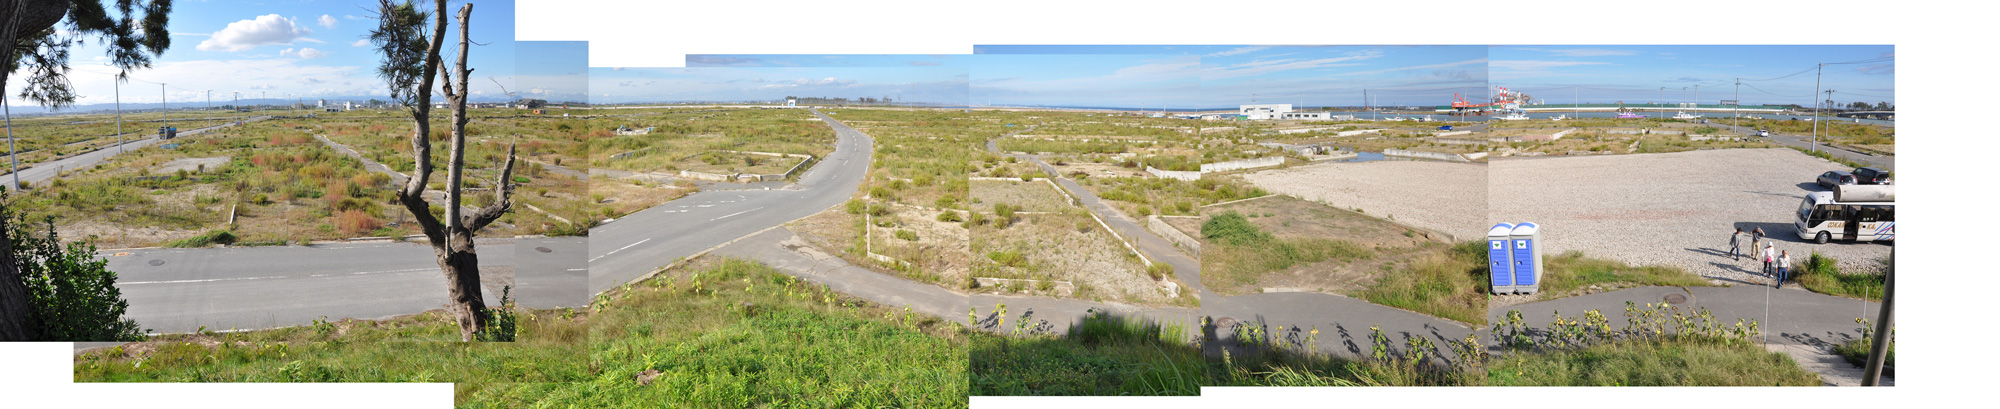 閖上日和山定点観測(西北西-東南東)2012年9月